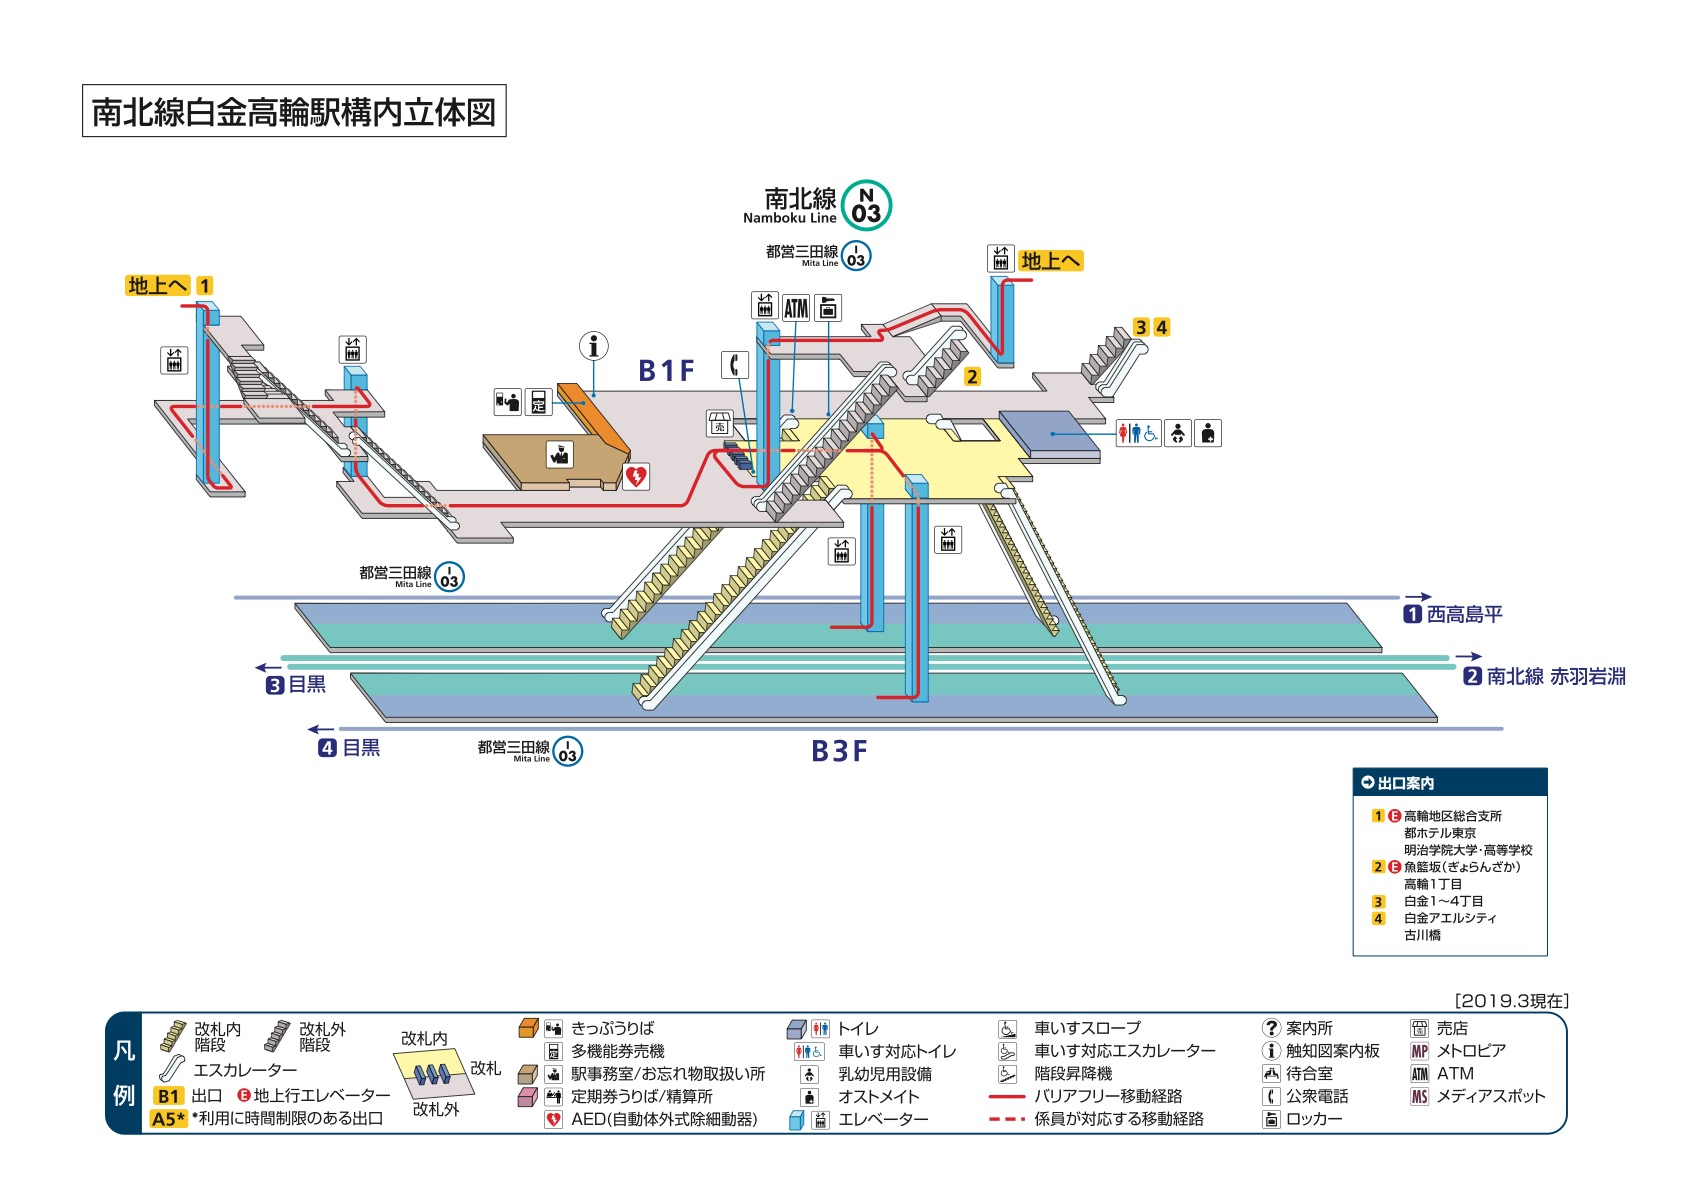 都営三田線 時刻表 電車 時刻表 駅探